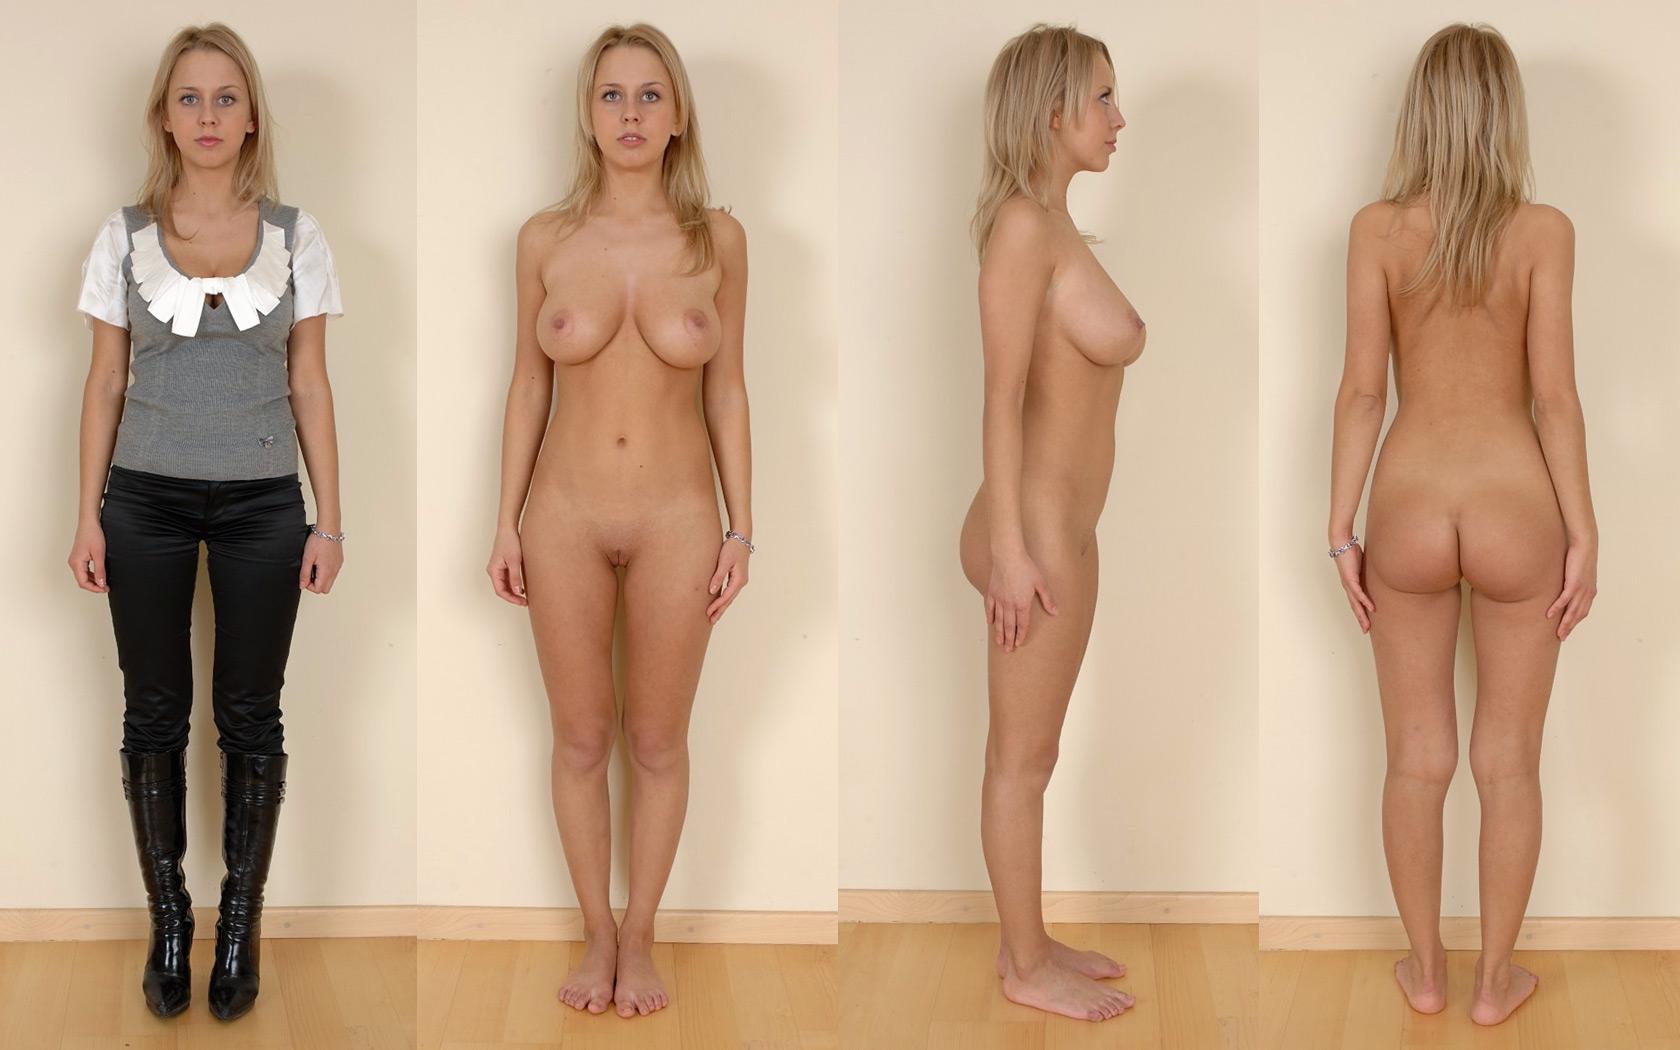 Фотографии девушек голых одетых 9 фотография